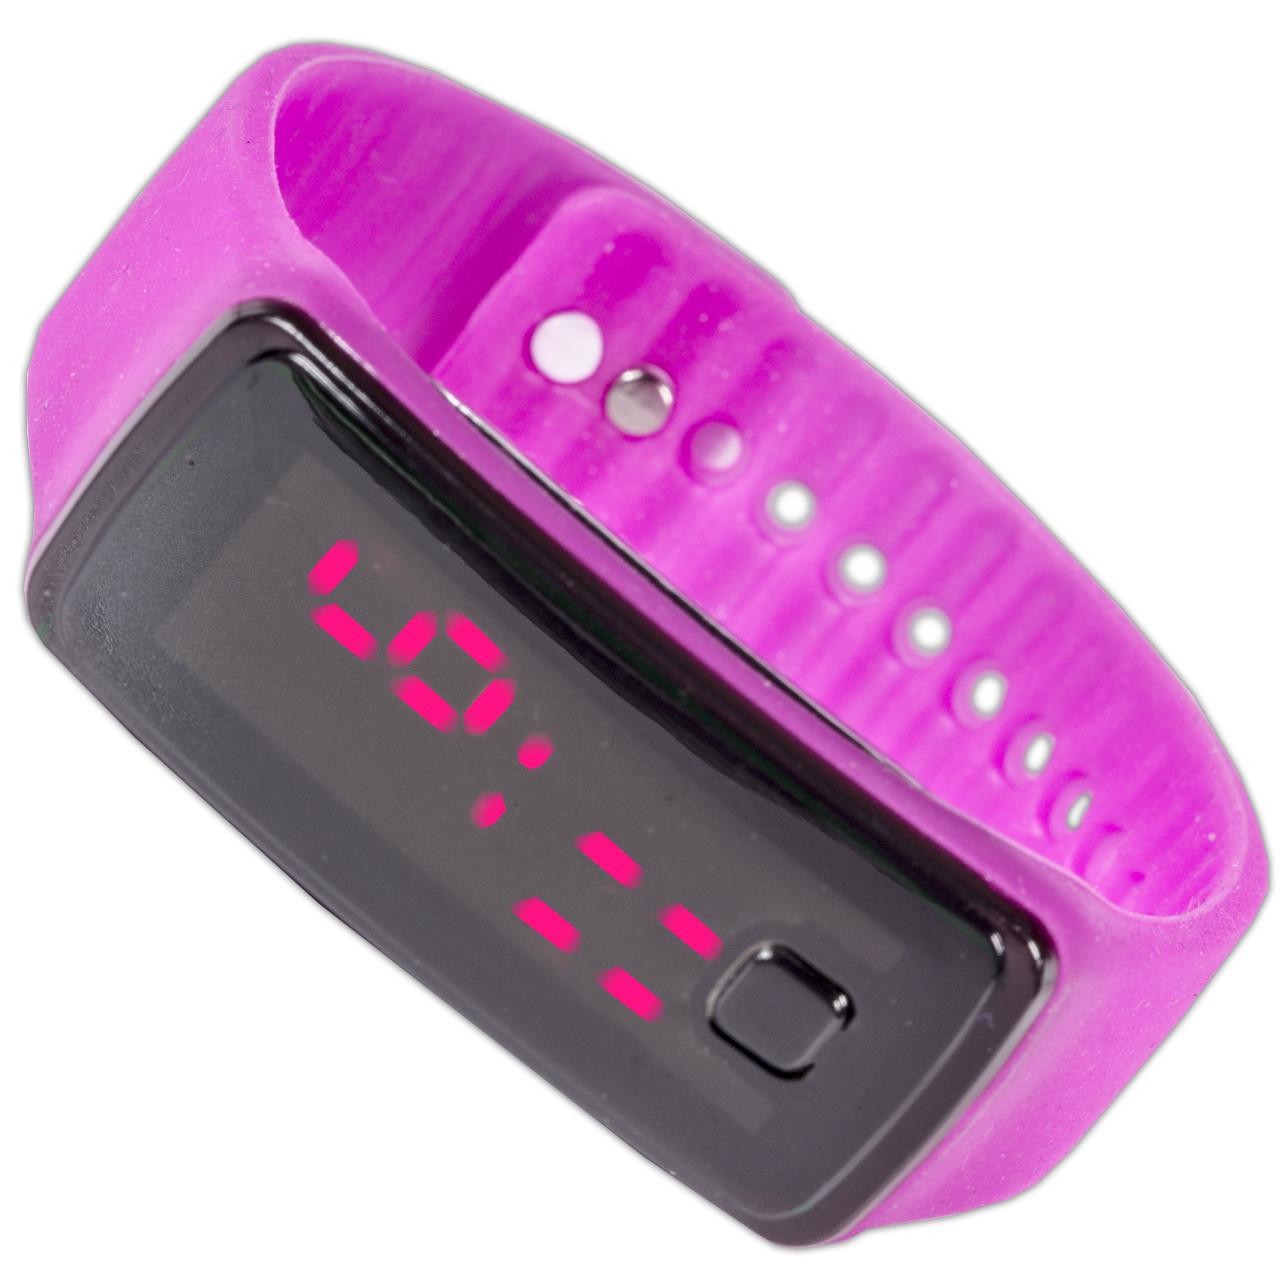 Спортивные Lesko LED часы розовые наручные для активного отдыха универсальные компактные с ярким дисплеем - Mobiloz - інтернет магазин розумних покупок в Киеве